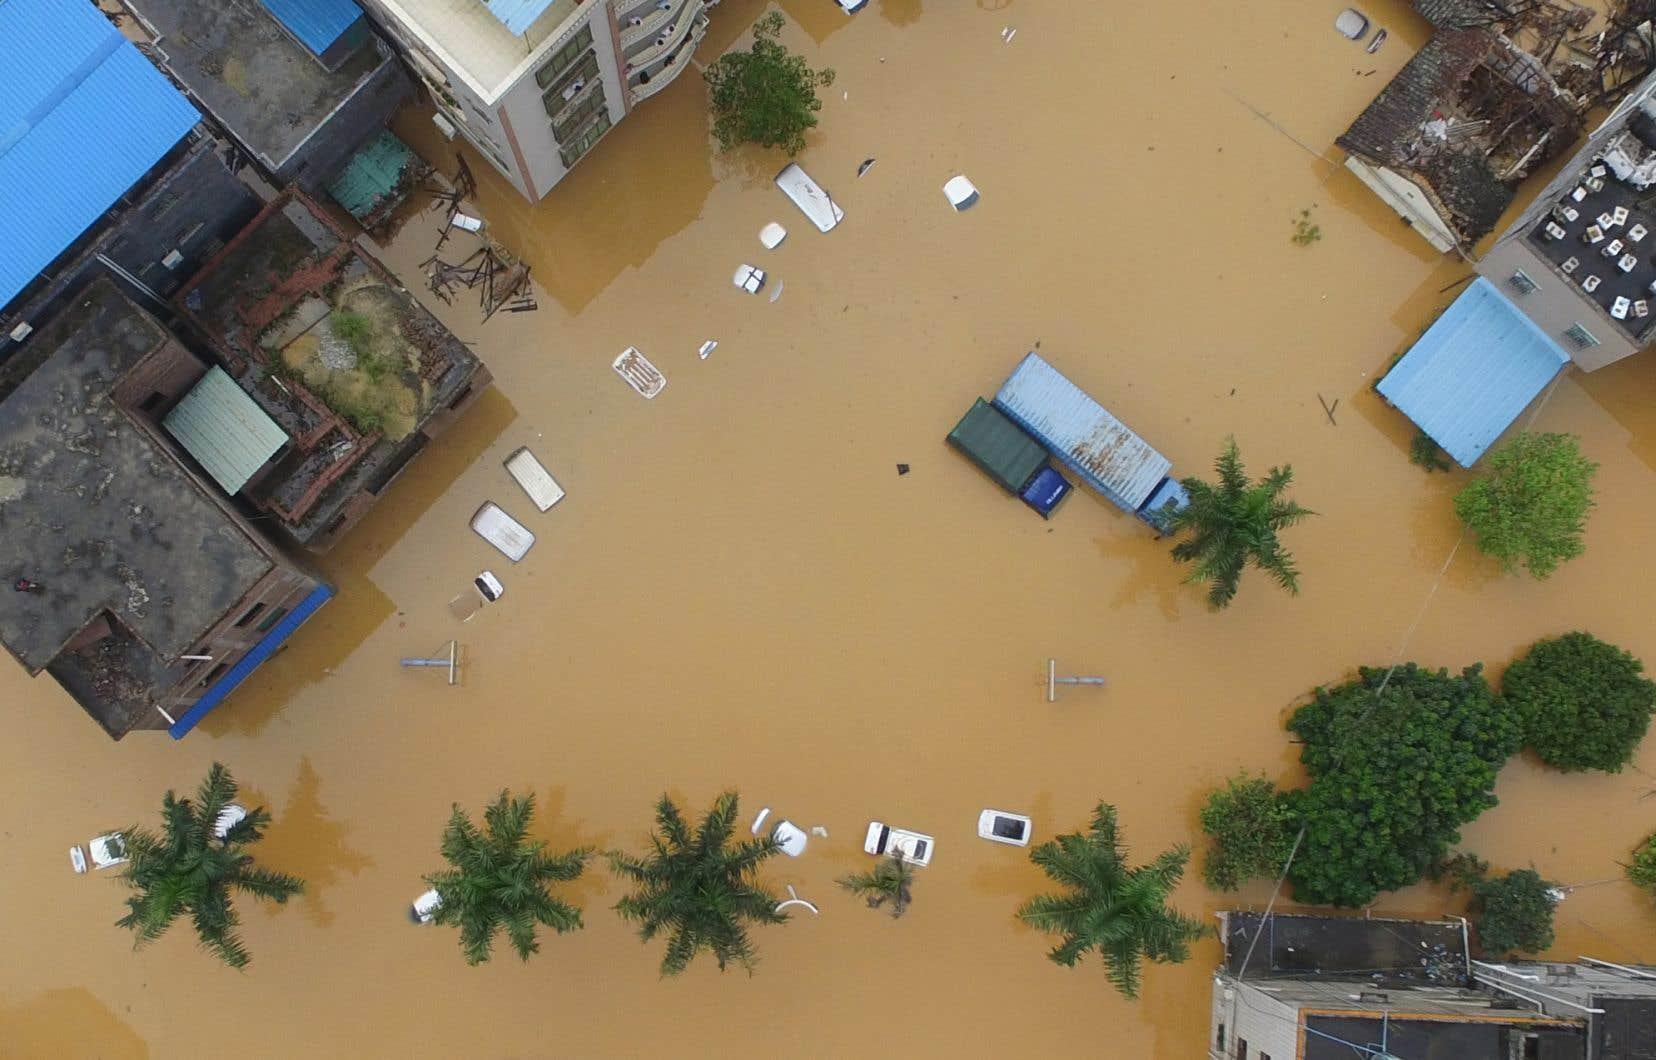 Pour le moment, la crise a surtout eu pour effet de repousser des rendez-vous cruciaux en matière de protection de l'environnement à laquelle sont liés les changements climatiques et leurs conséquences catastrophiques, comme ici  les inondations de 2017 dans  le quartier  de Zengcheng,  à Guangzhou, dans la province chinoise du Guangdong.